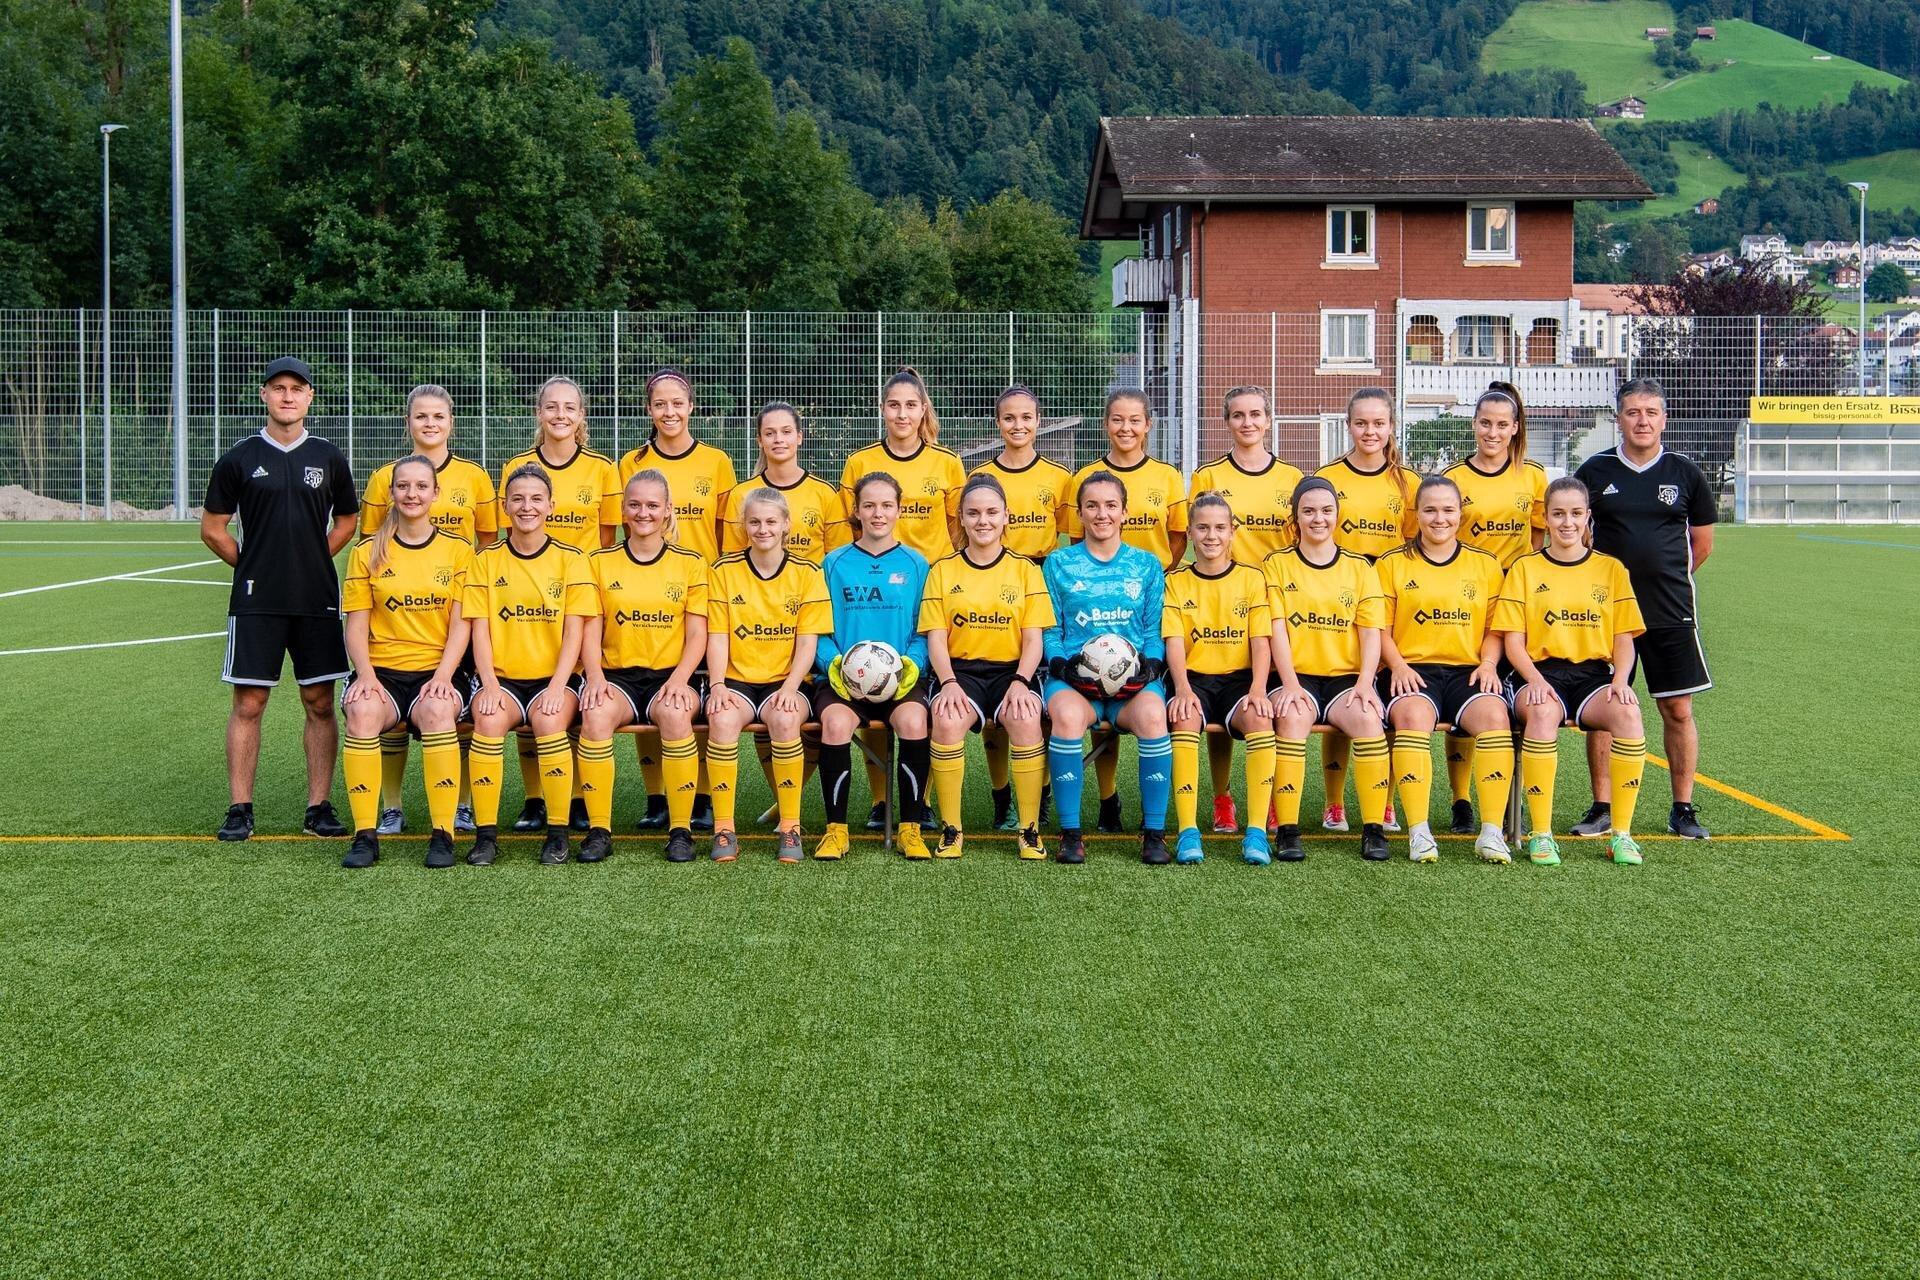 Die Altdorfer/Schattdorfer-Frauen haben momentan einen richtigen Lauf.